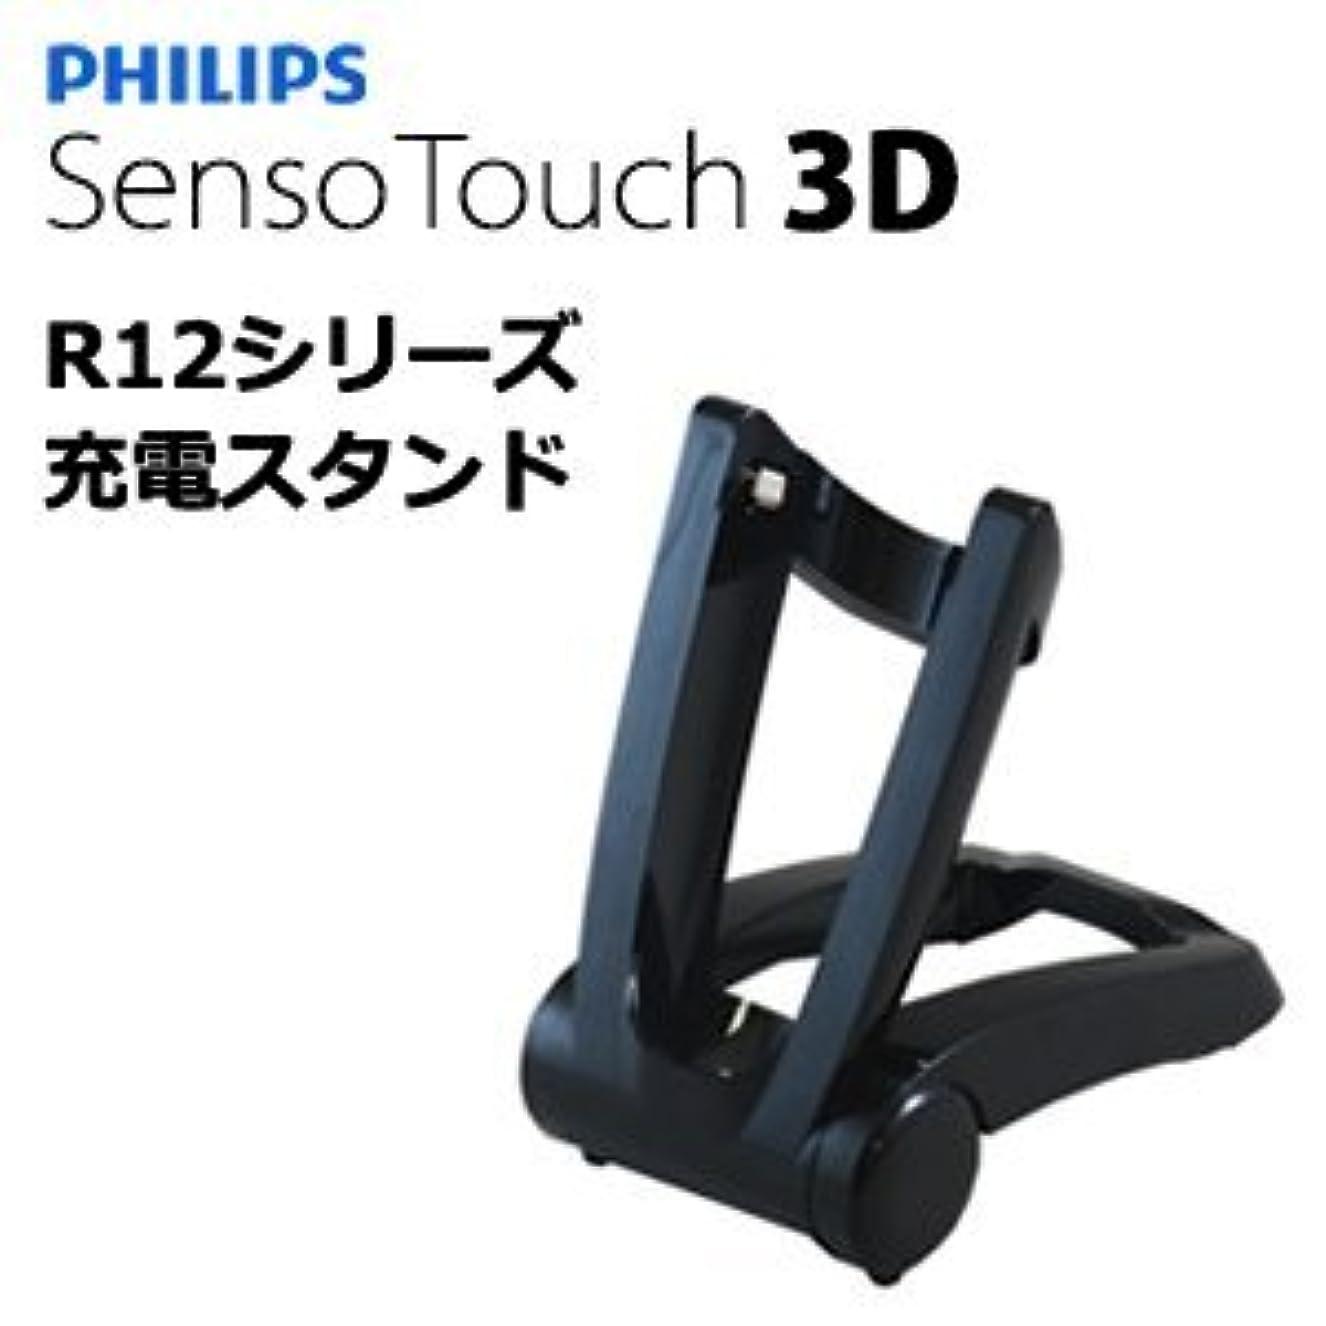 レビュー生き残りユニークなPHILIPS 電動シェーバー Senso Touch 3D RQ12シリーズ 充電器 チャージャースタンド フィリップス センソタッチ シリーズ 携帯 充電器 チャージャー スタンド